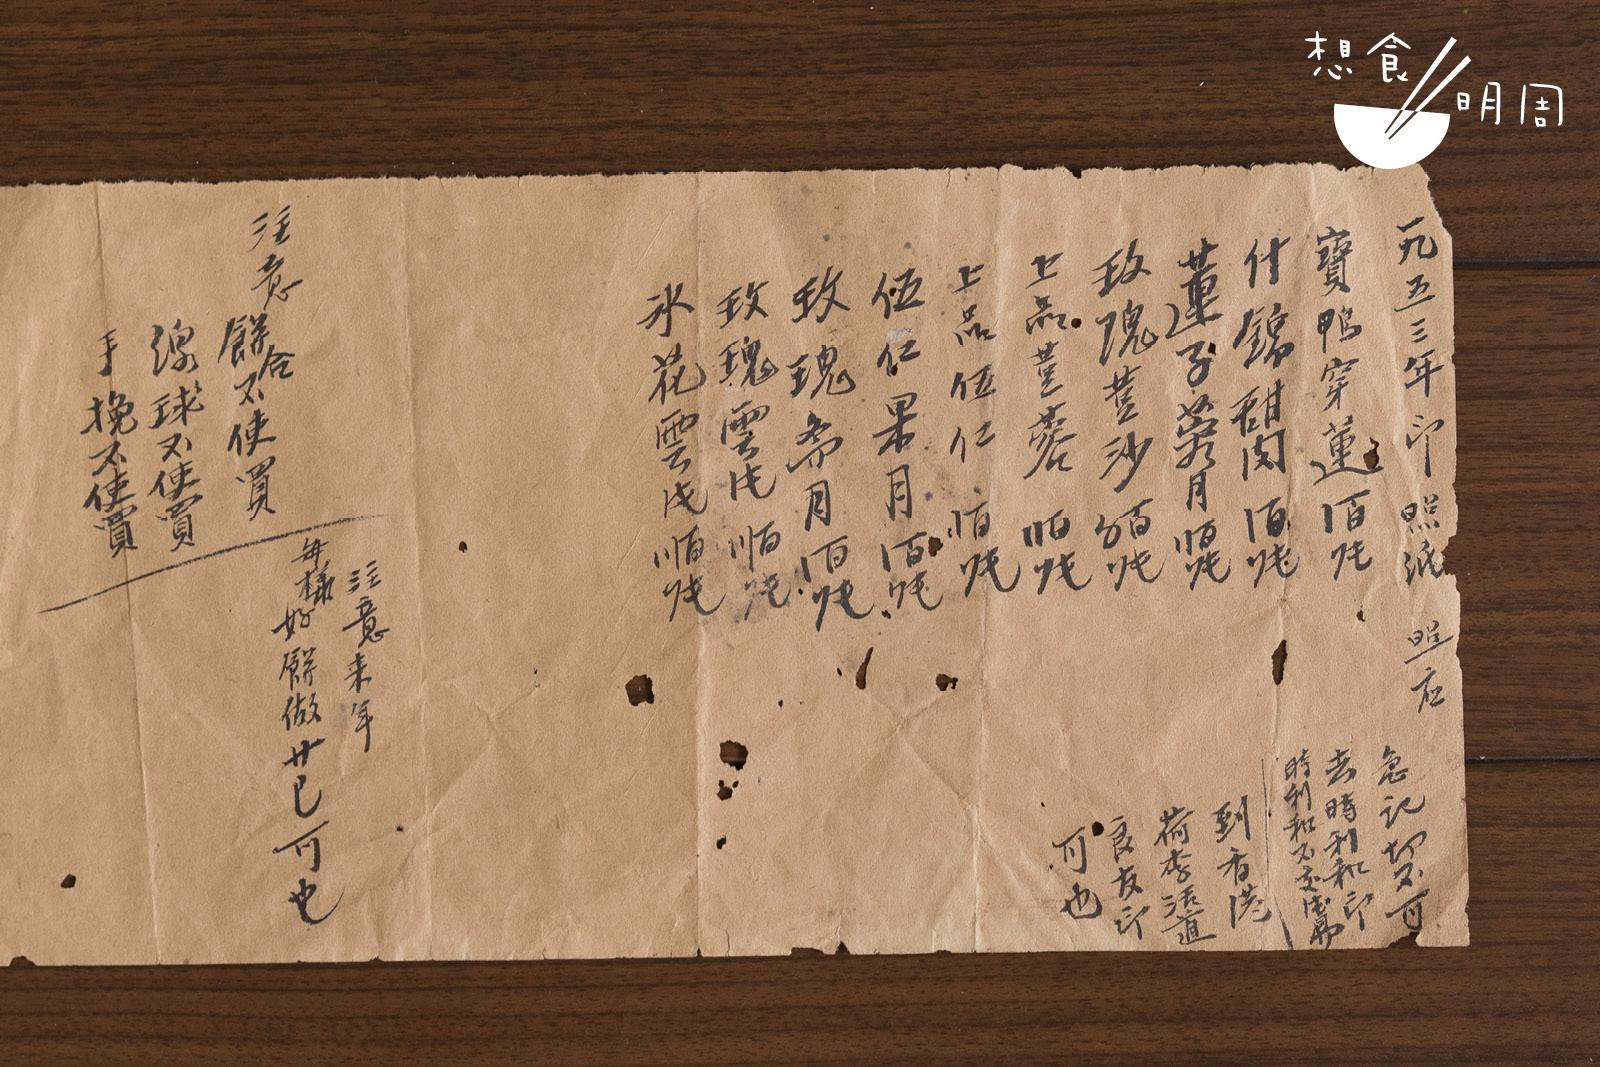 在四十年代初,廣州人會特意派人來港買月餅,還會在備忘紙條上寫上注意事項,例如不需買盒和「手挽」。